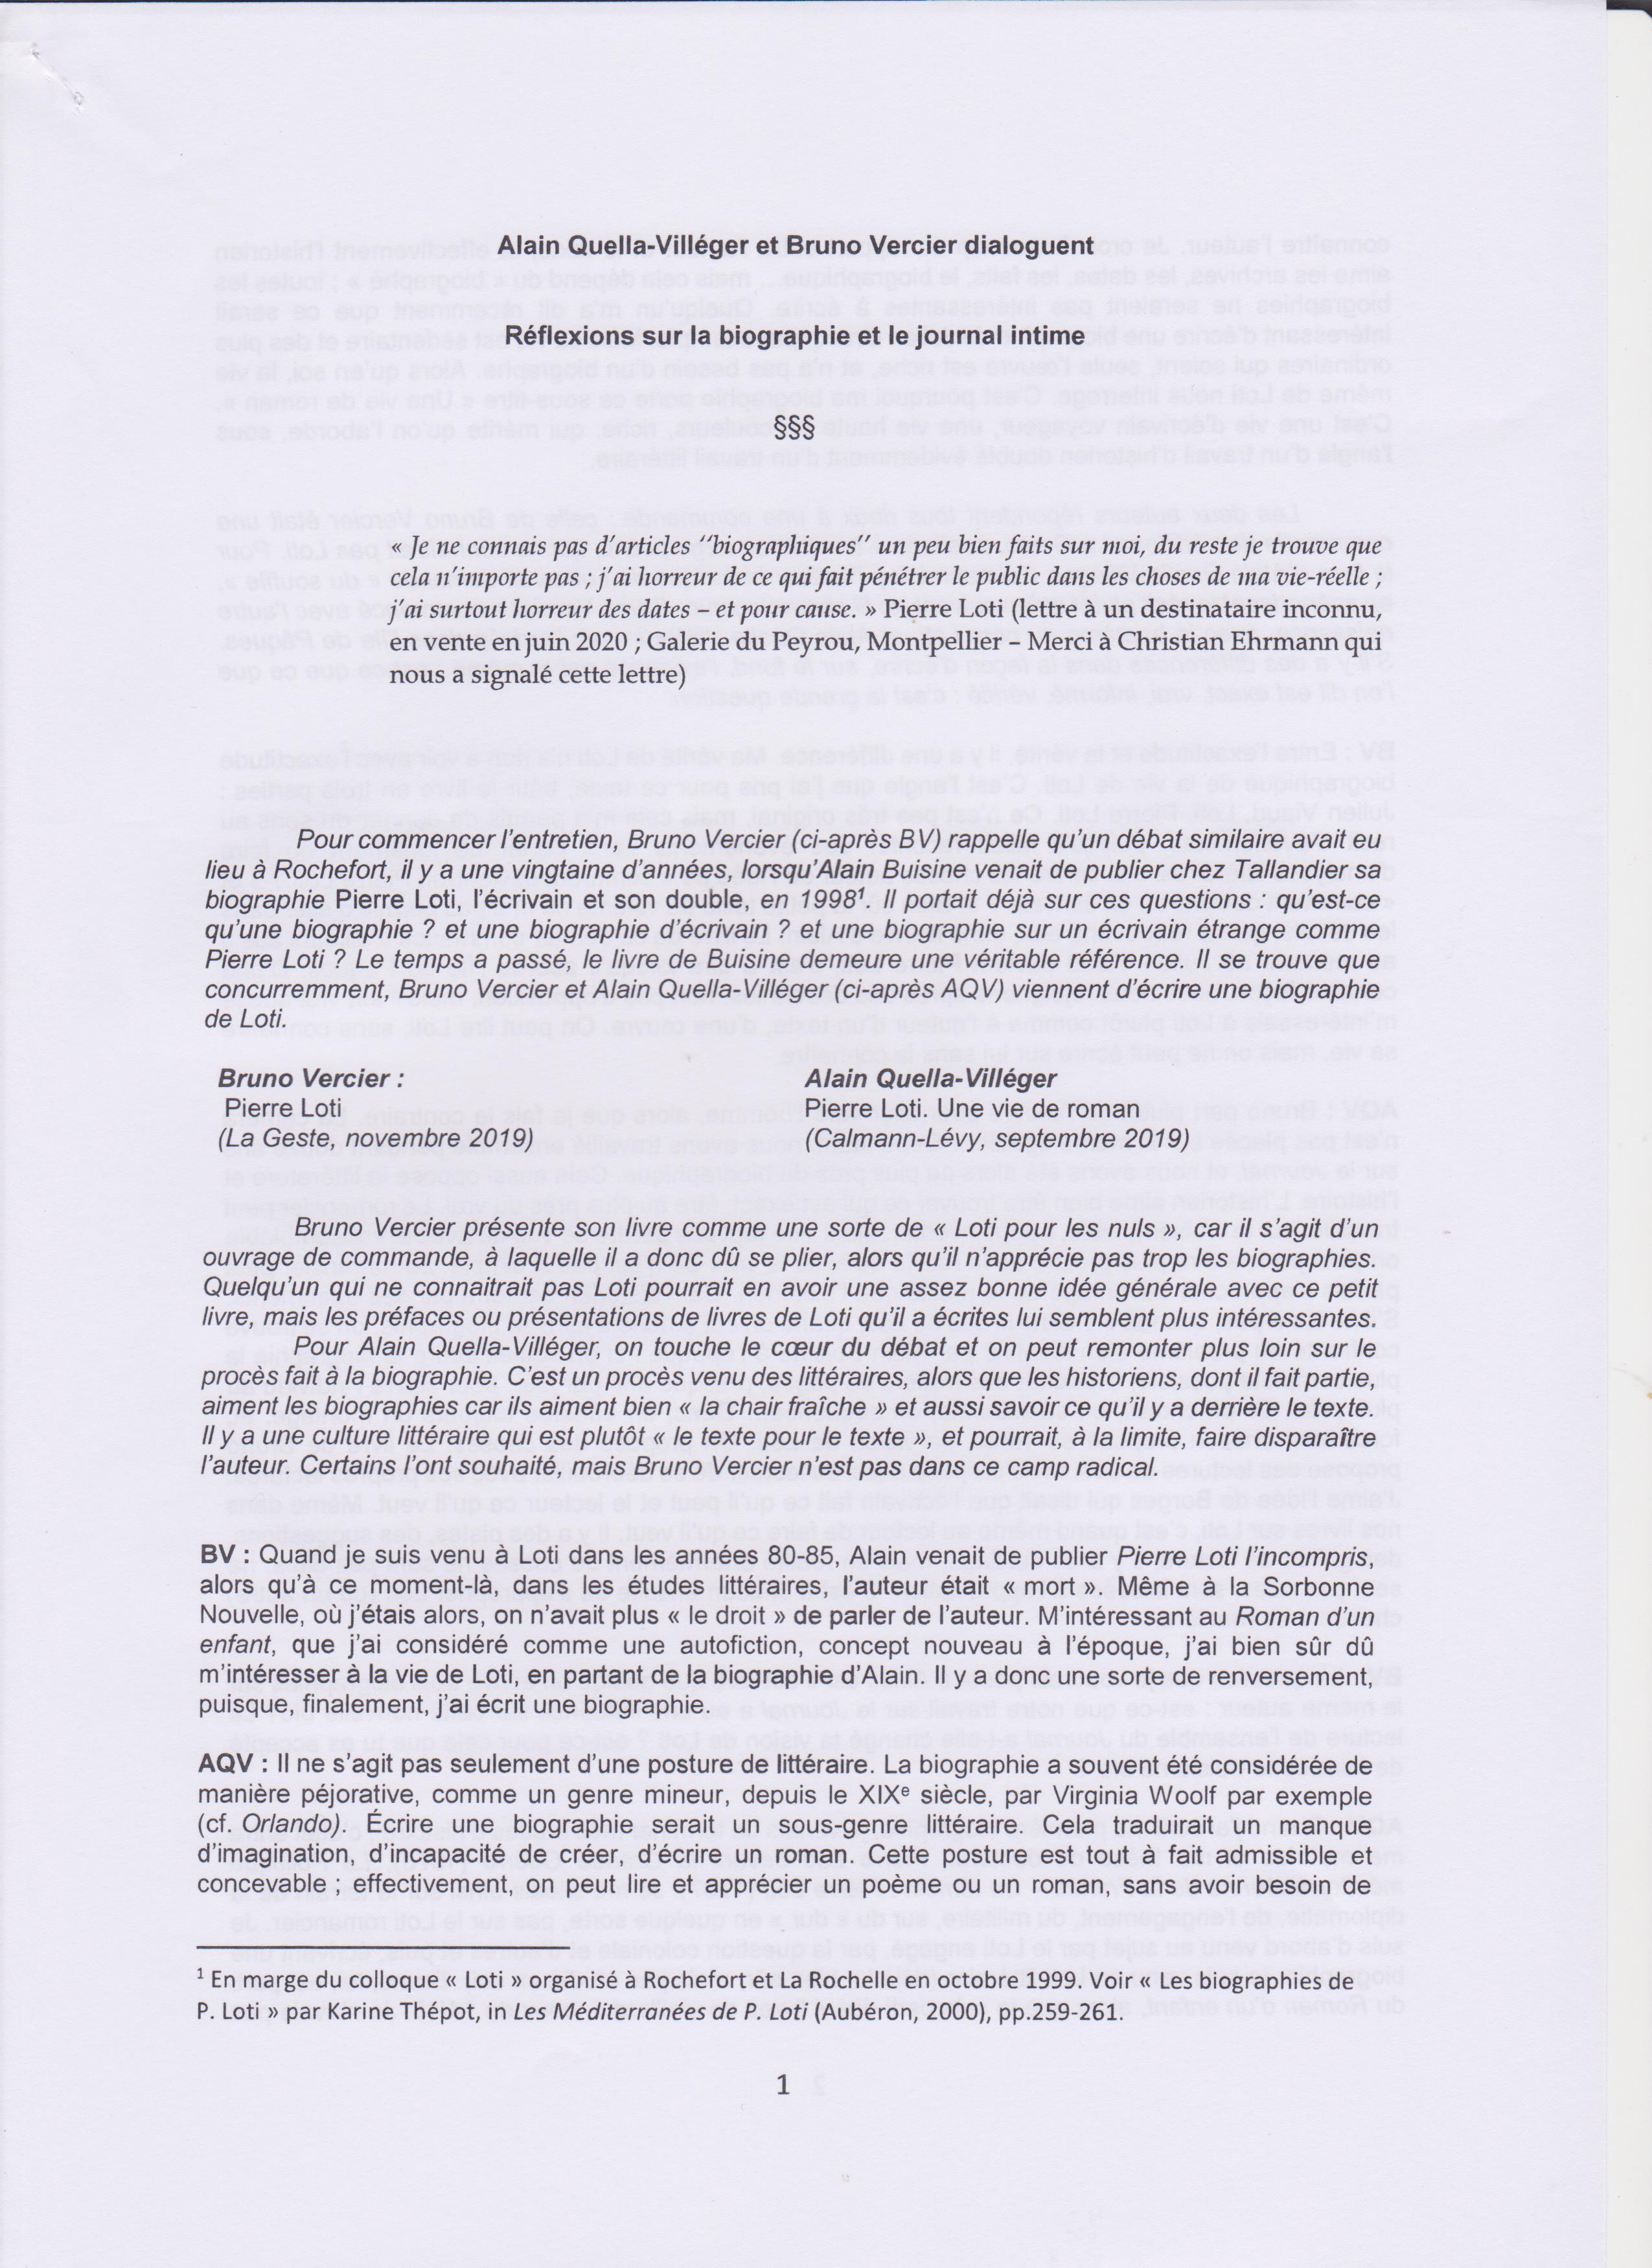 échanges AQV et BV-page1